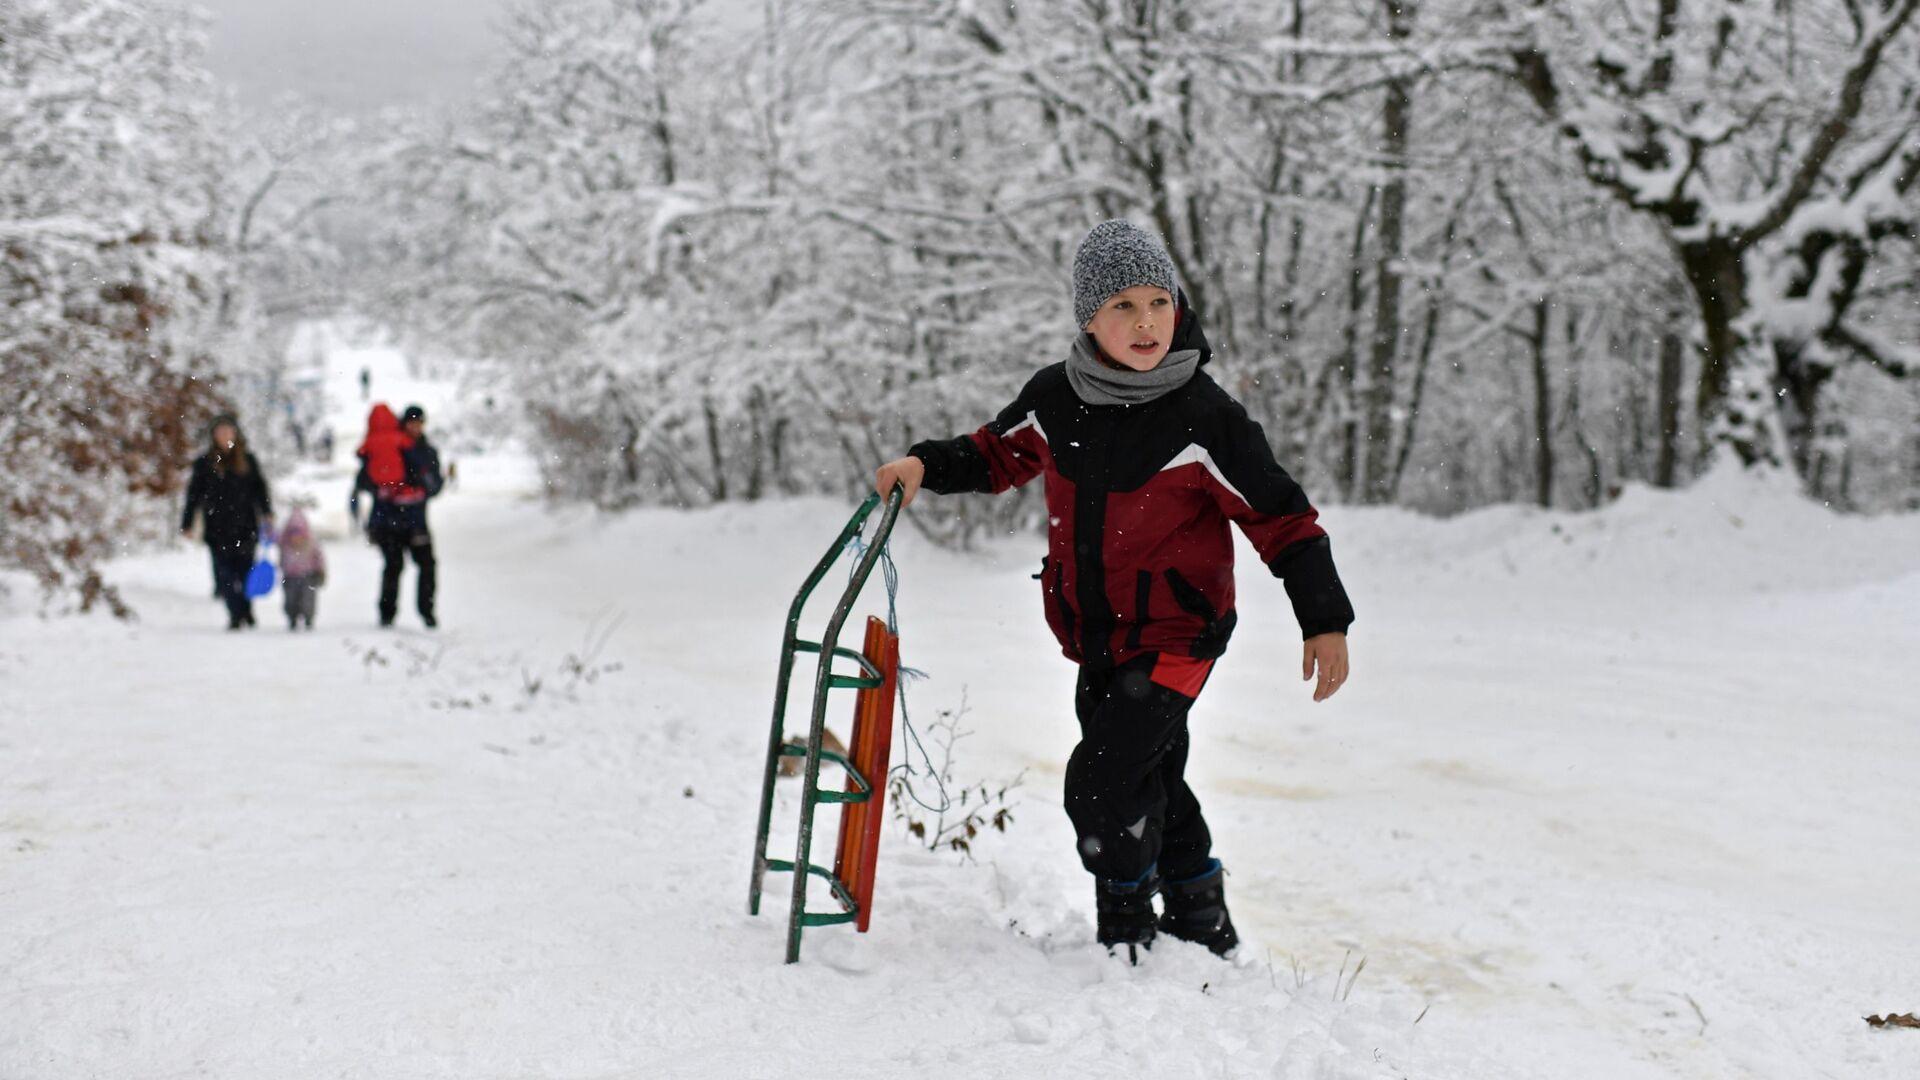 Мальчик с санками на Ангарском перевале в Крыму - РИА Новости, 1920, 17.01.2021